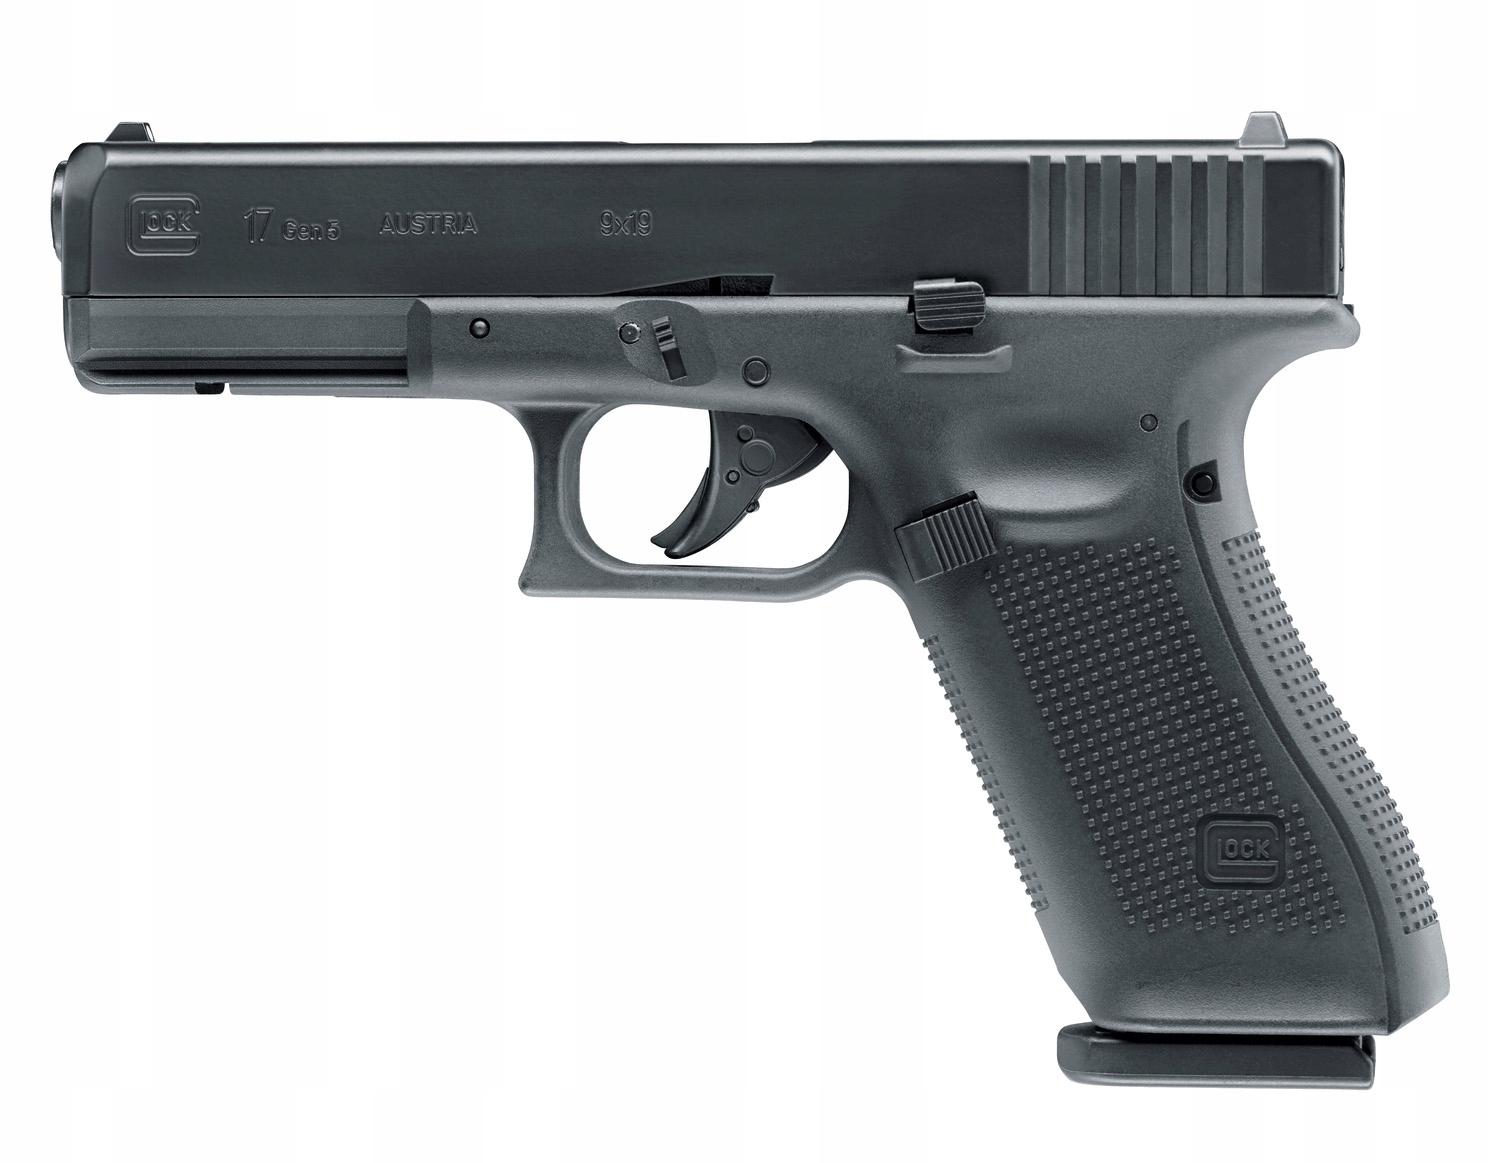 Pištoľ GBB Glock 17 gen. 5 CO2